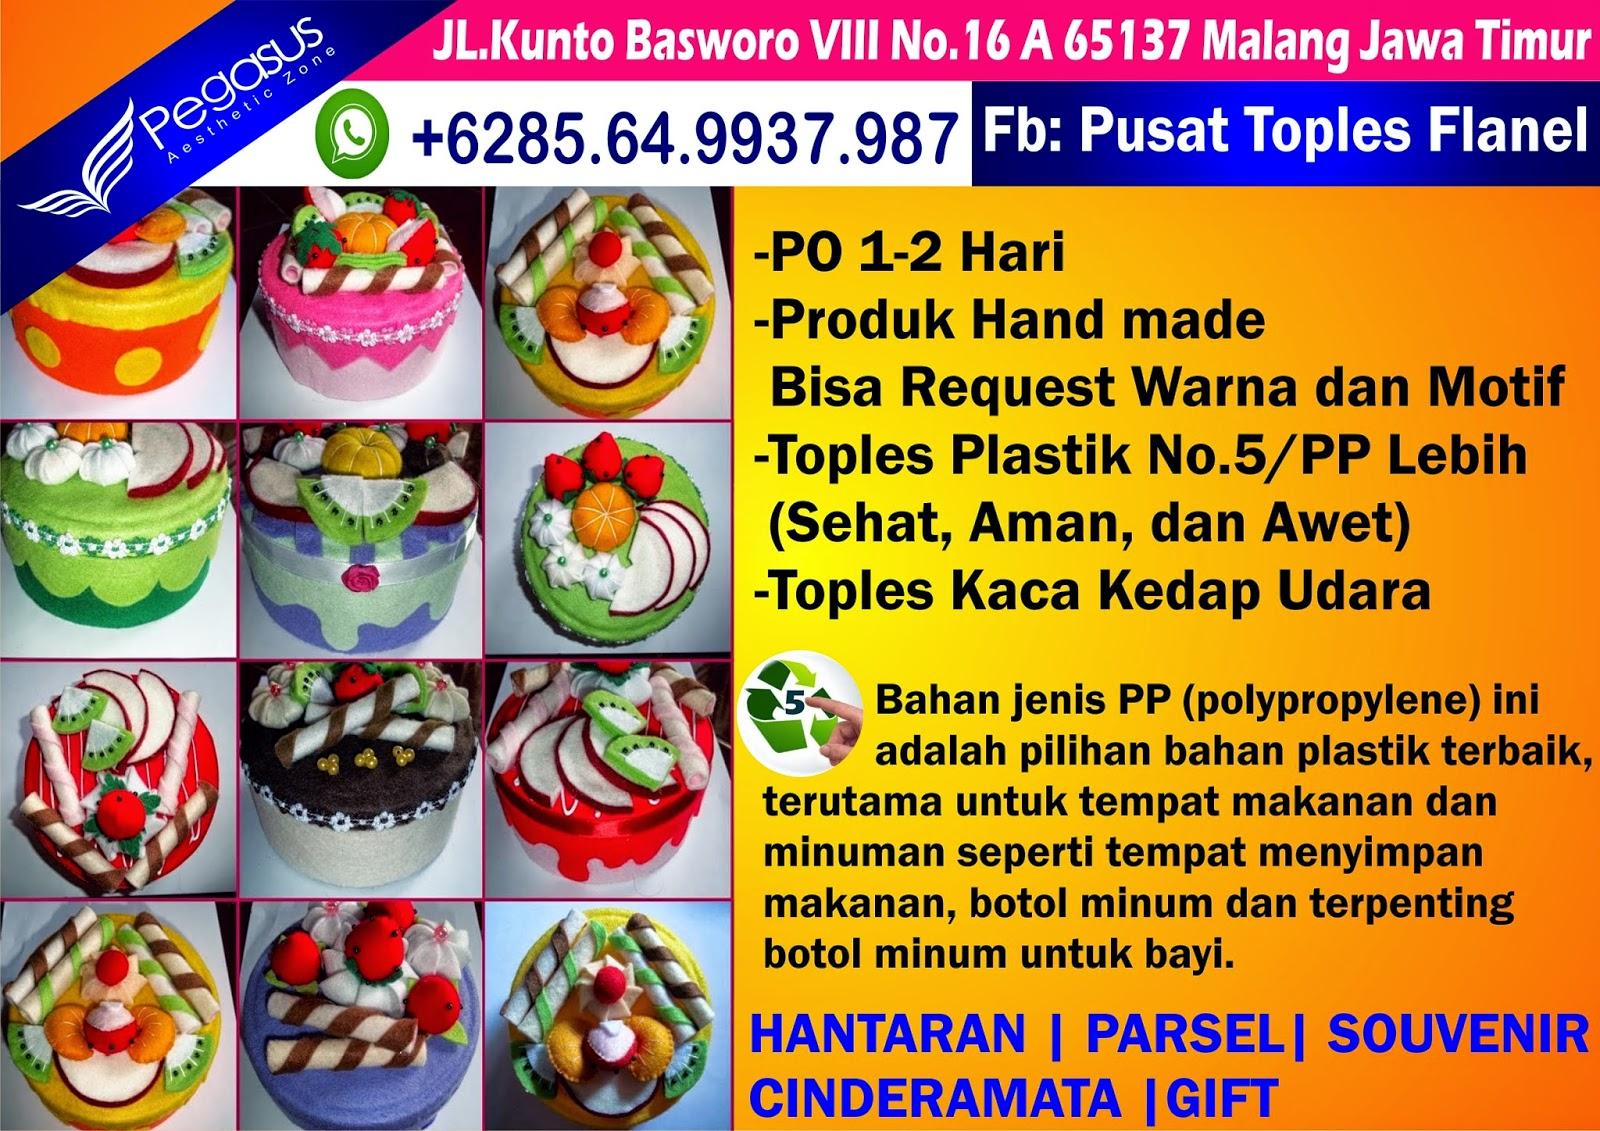 Pusat Toples Murah, Toko Toples Plastic, Pusat Toples, +62.8564.993.7987